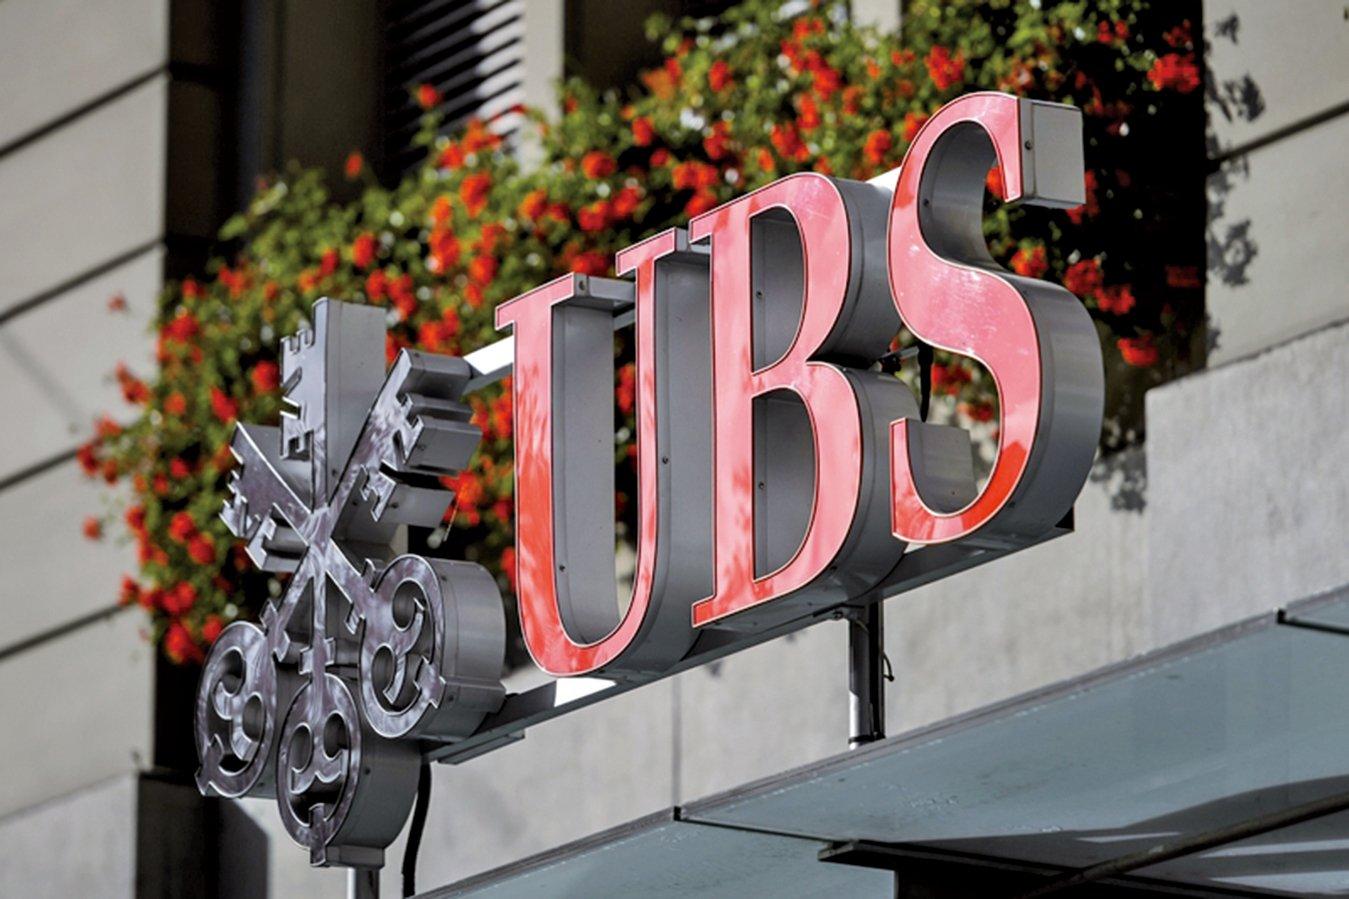 瑞士銀行保密制度走向終結,瑞士不再是避稅天堂,這讓各國逃稅富翁們惴惴不安,也讓中共貪官們十分惶恐。圖為蘇黎世瑞士銀行總部瑞銀徽標。(AFP)